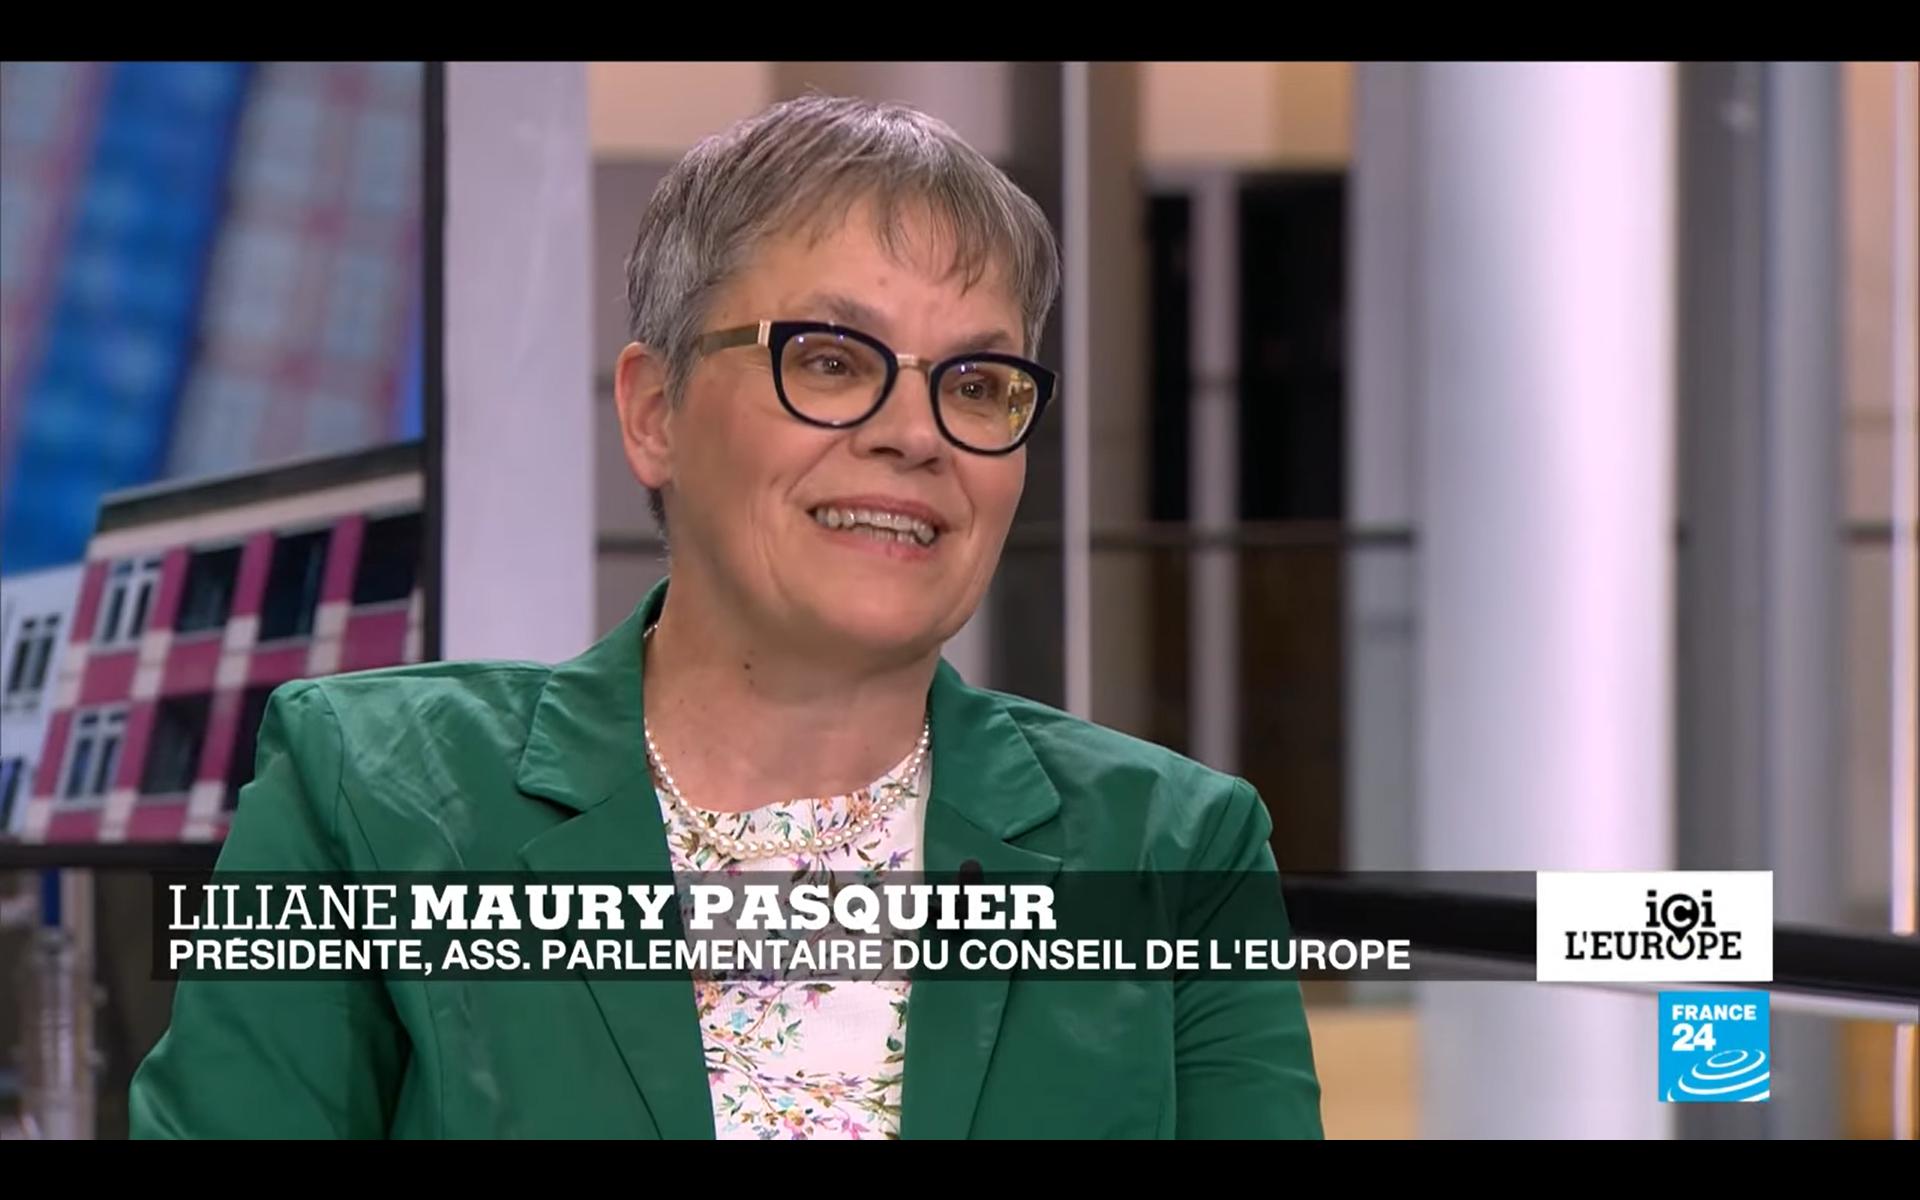 Liliane Maury Pasquier inteviewée sur le retour de la Russie à l'APCE